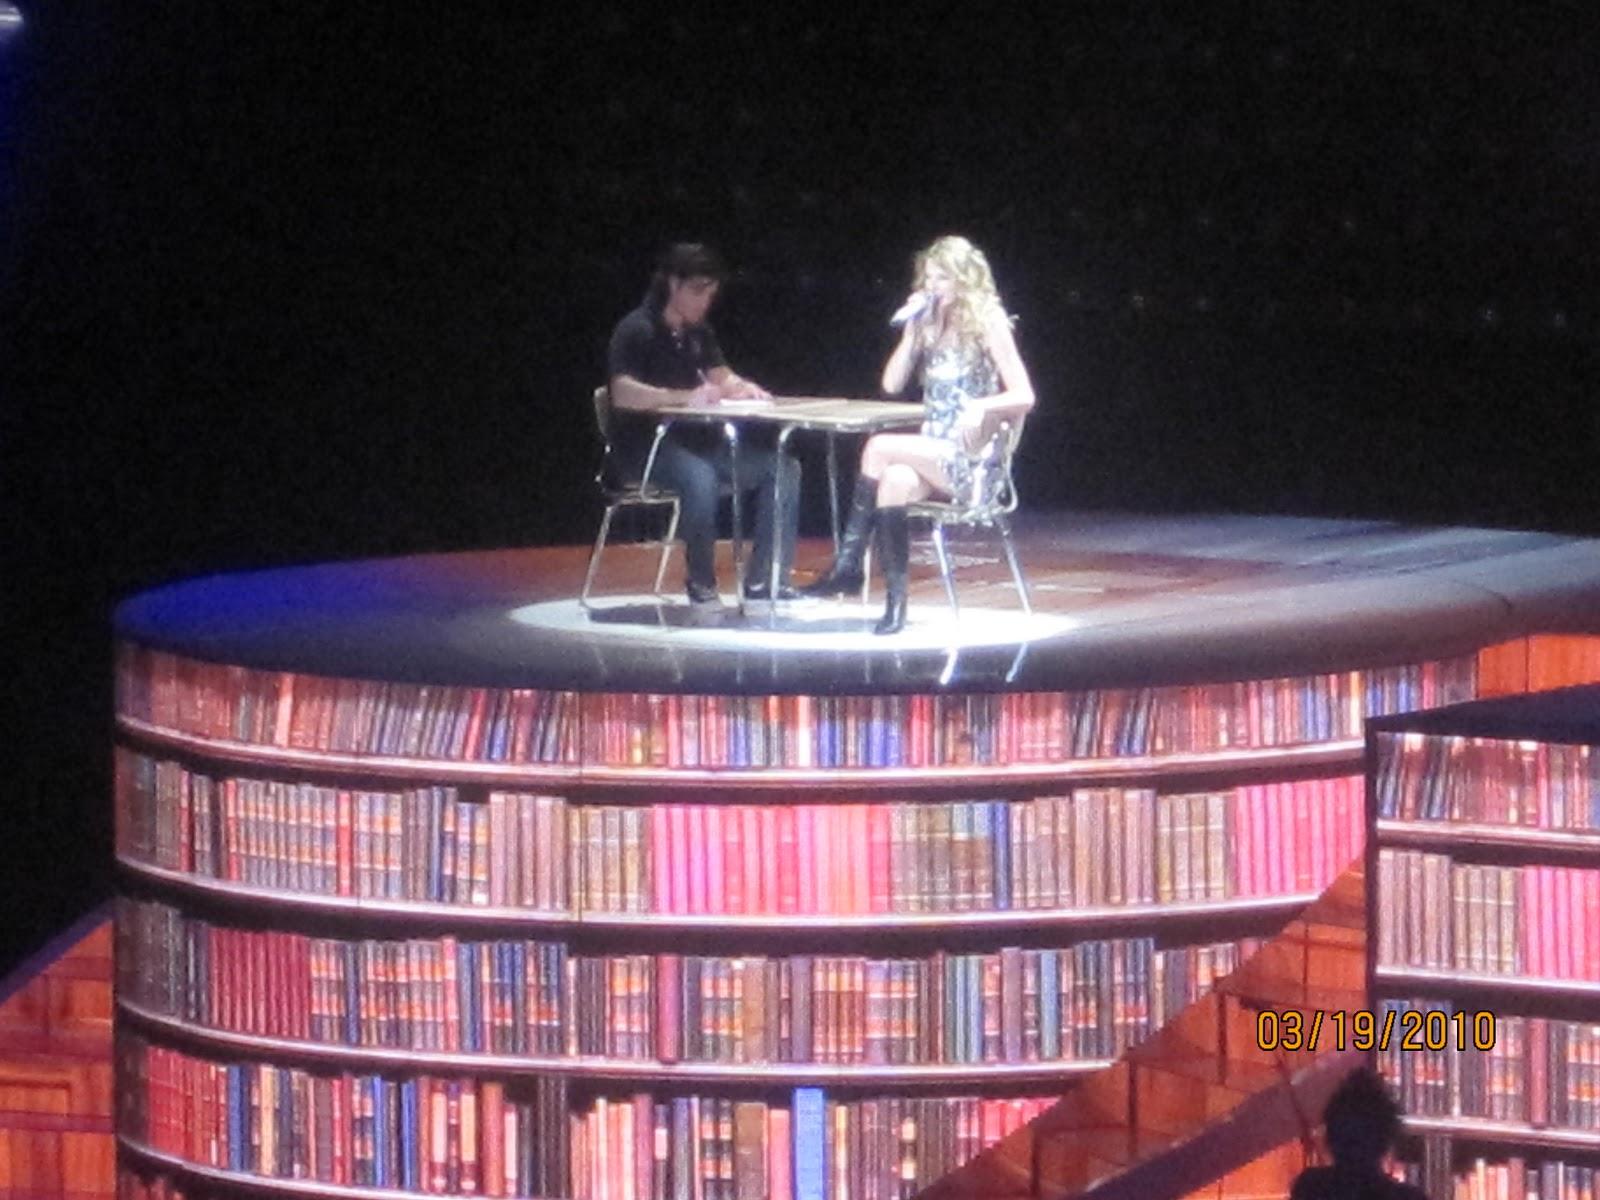 http://1.bp.blogspot.com/_zhQCIcpuWno/TMzs5NeJe1I/AAAAAAAAAsA/yOOguC0a3fY/s1600/Taylor+Swift+Concert+059.jpg